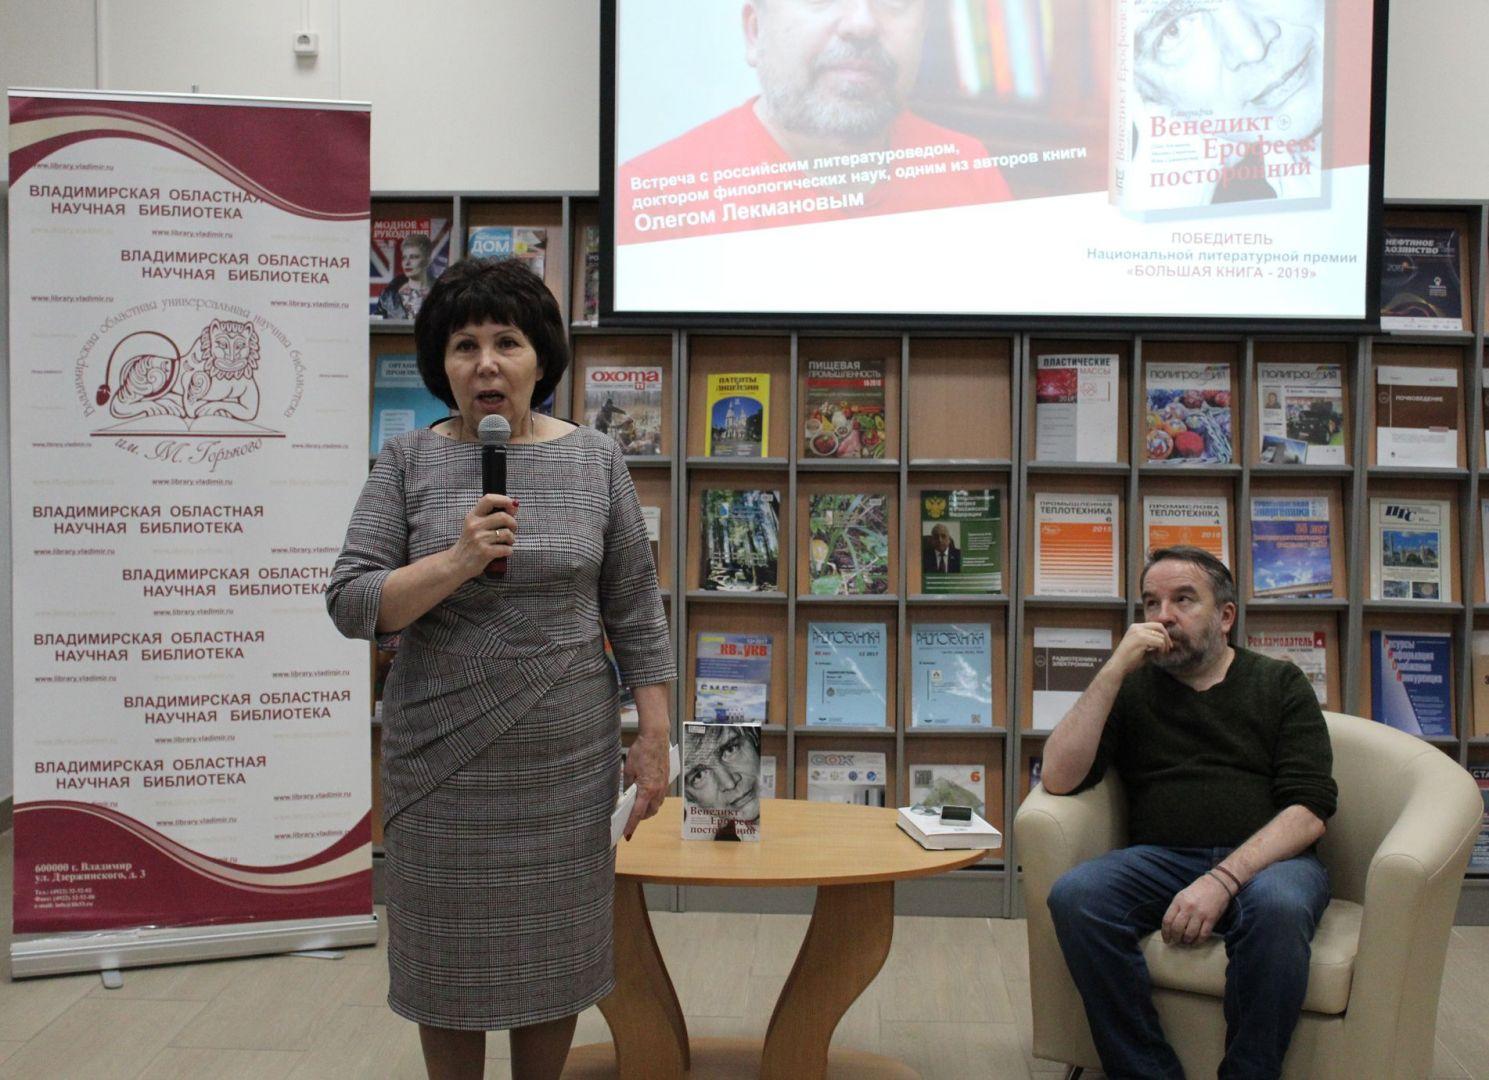 Директор библиотеки открывает встречу с Олегом Лекмановым